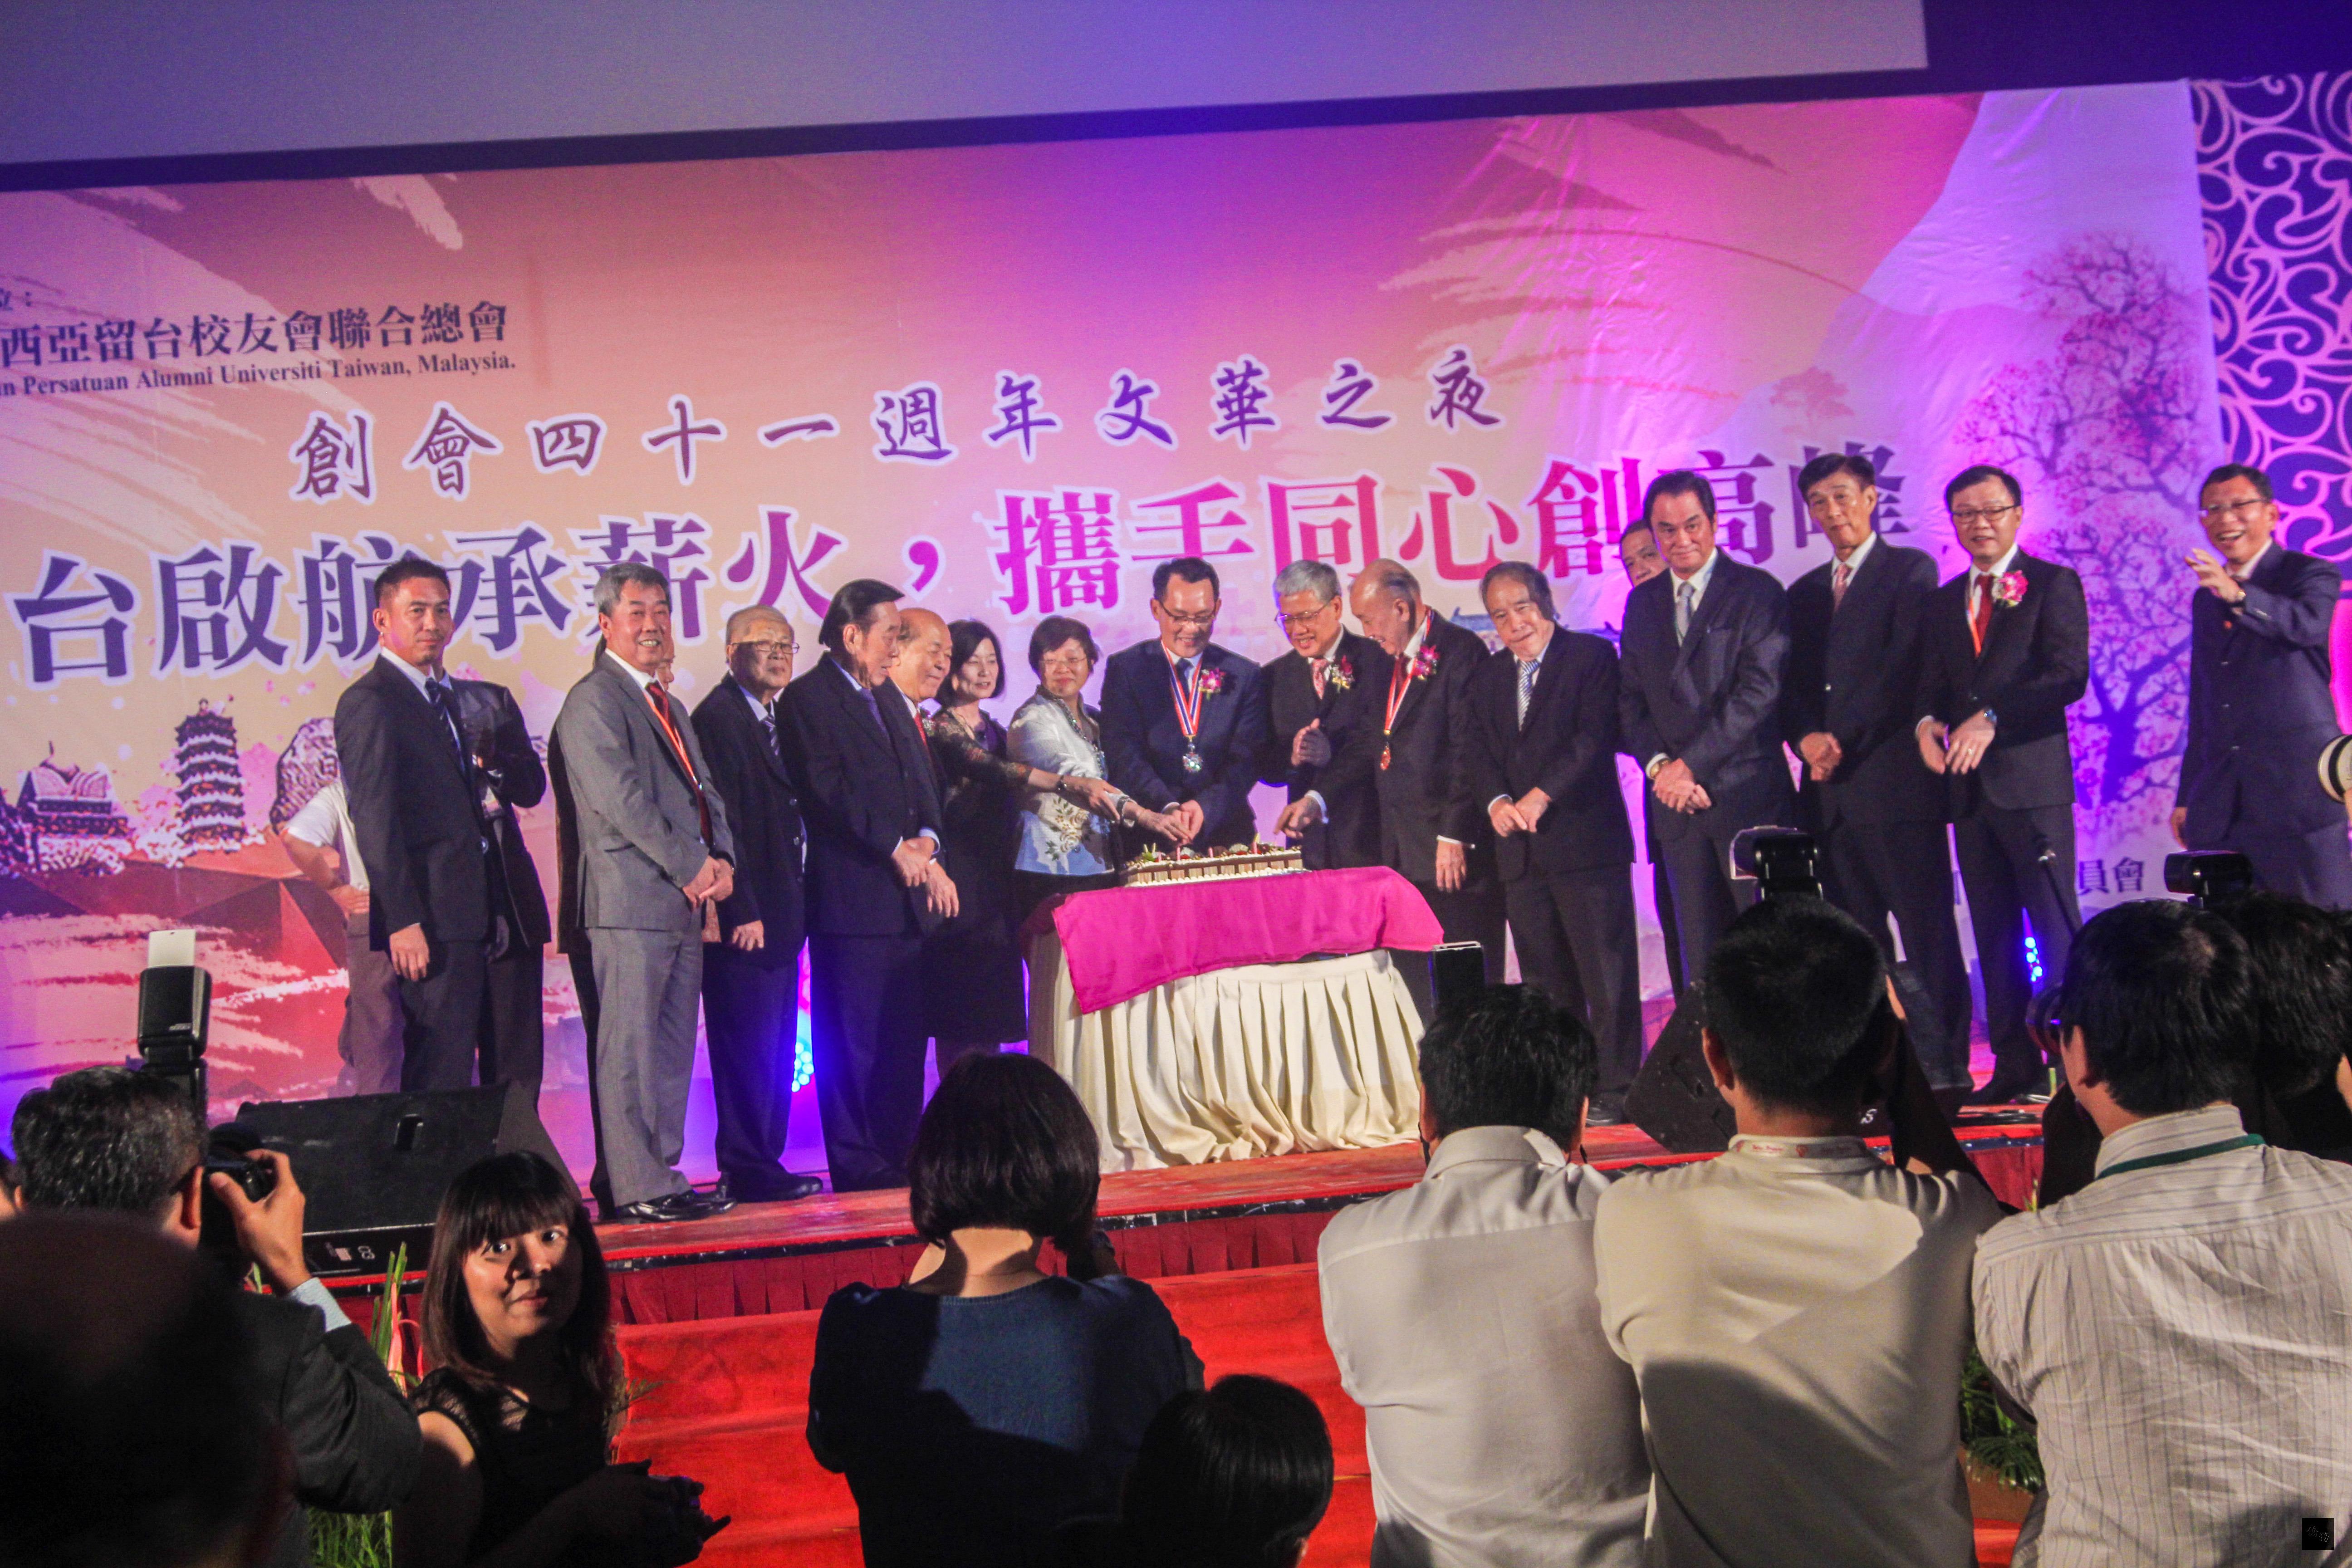 馬來西亞留台校友會聯合總會舉行四十一週年文華之夜,僑務委員會委員長陳士魁(右七)和與會貴賓合切蛋糕慶賀。(駐馬來西亞代表處提供)